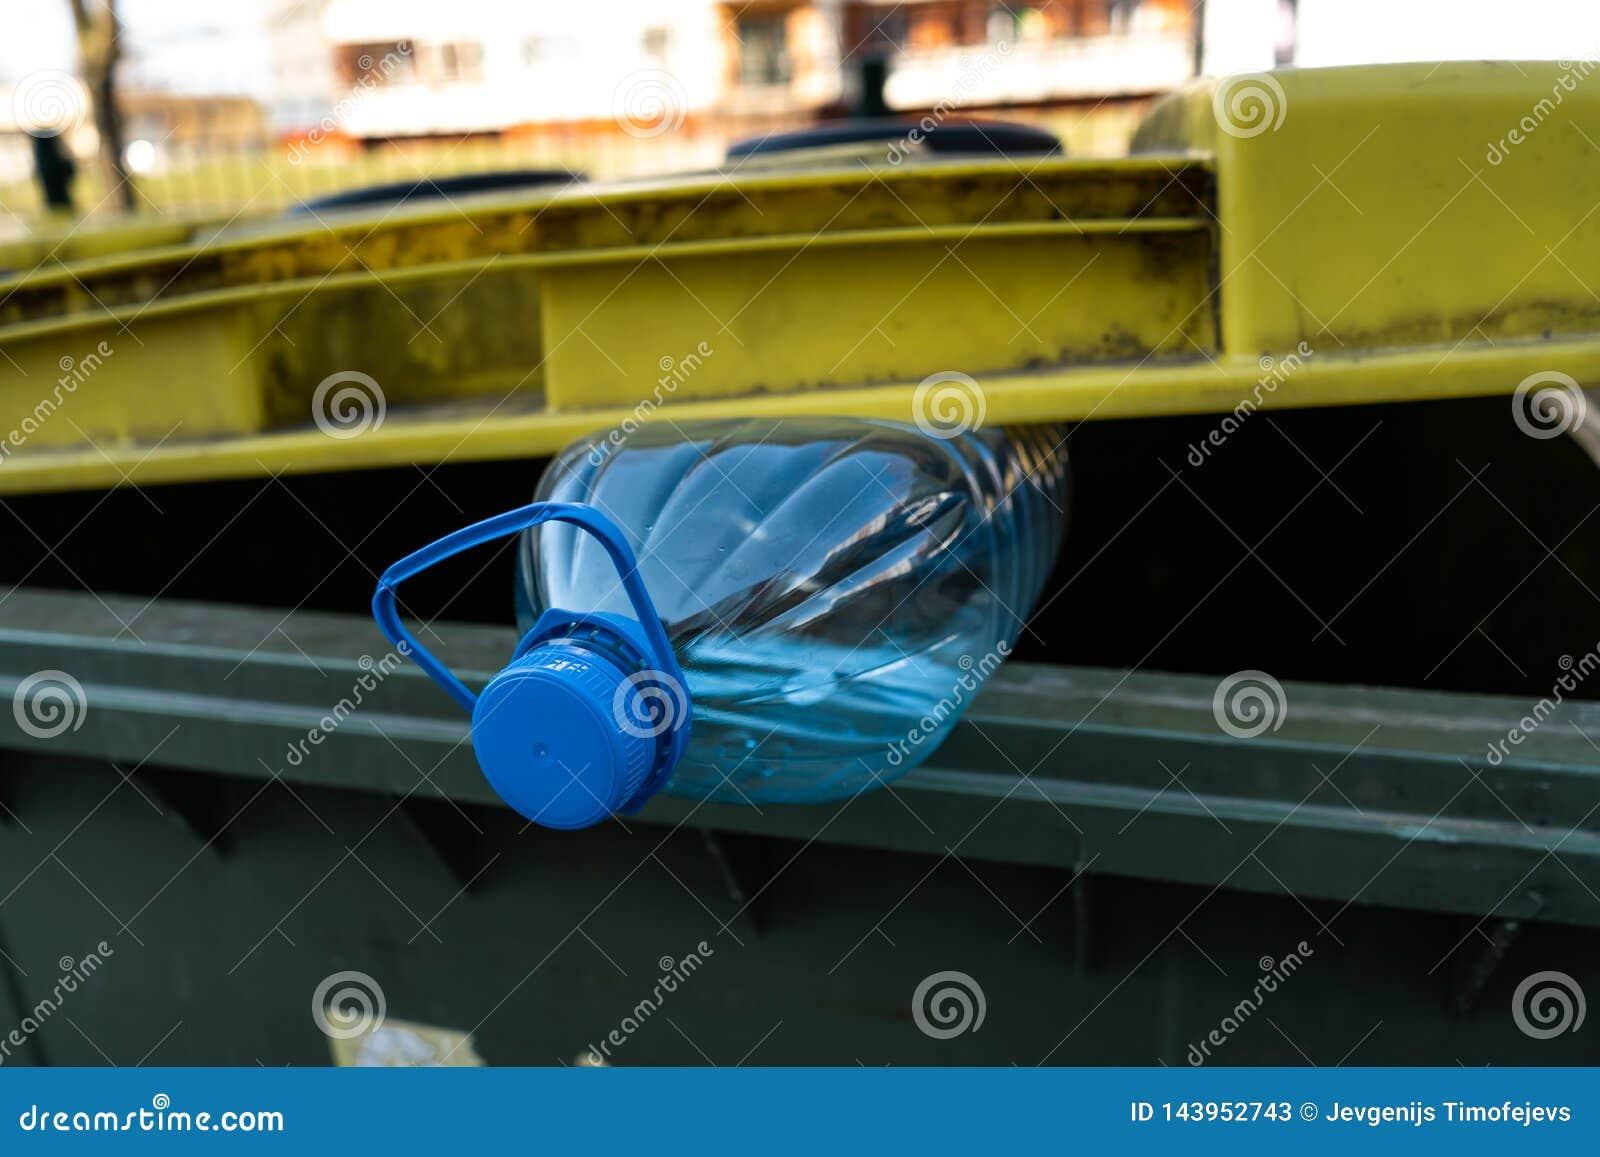 Grande bouteille en plastique bleue dans une poubelle verte jaune - r?utilisez pour la nature